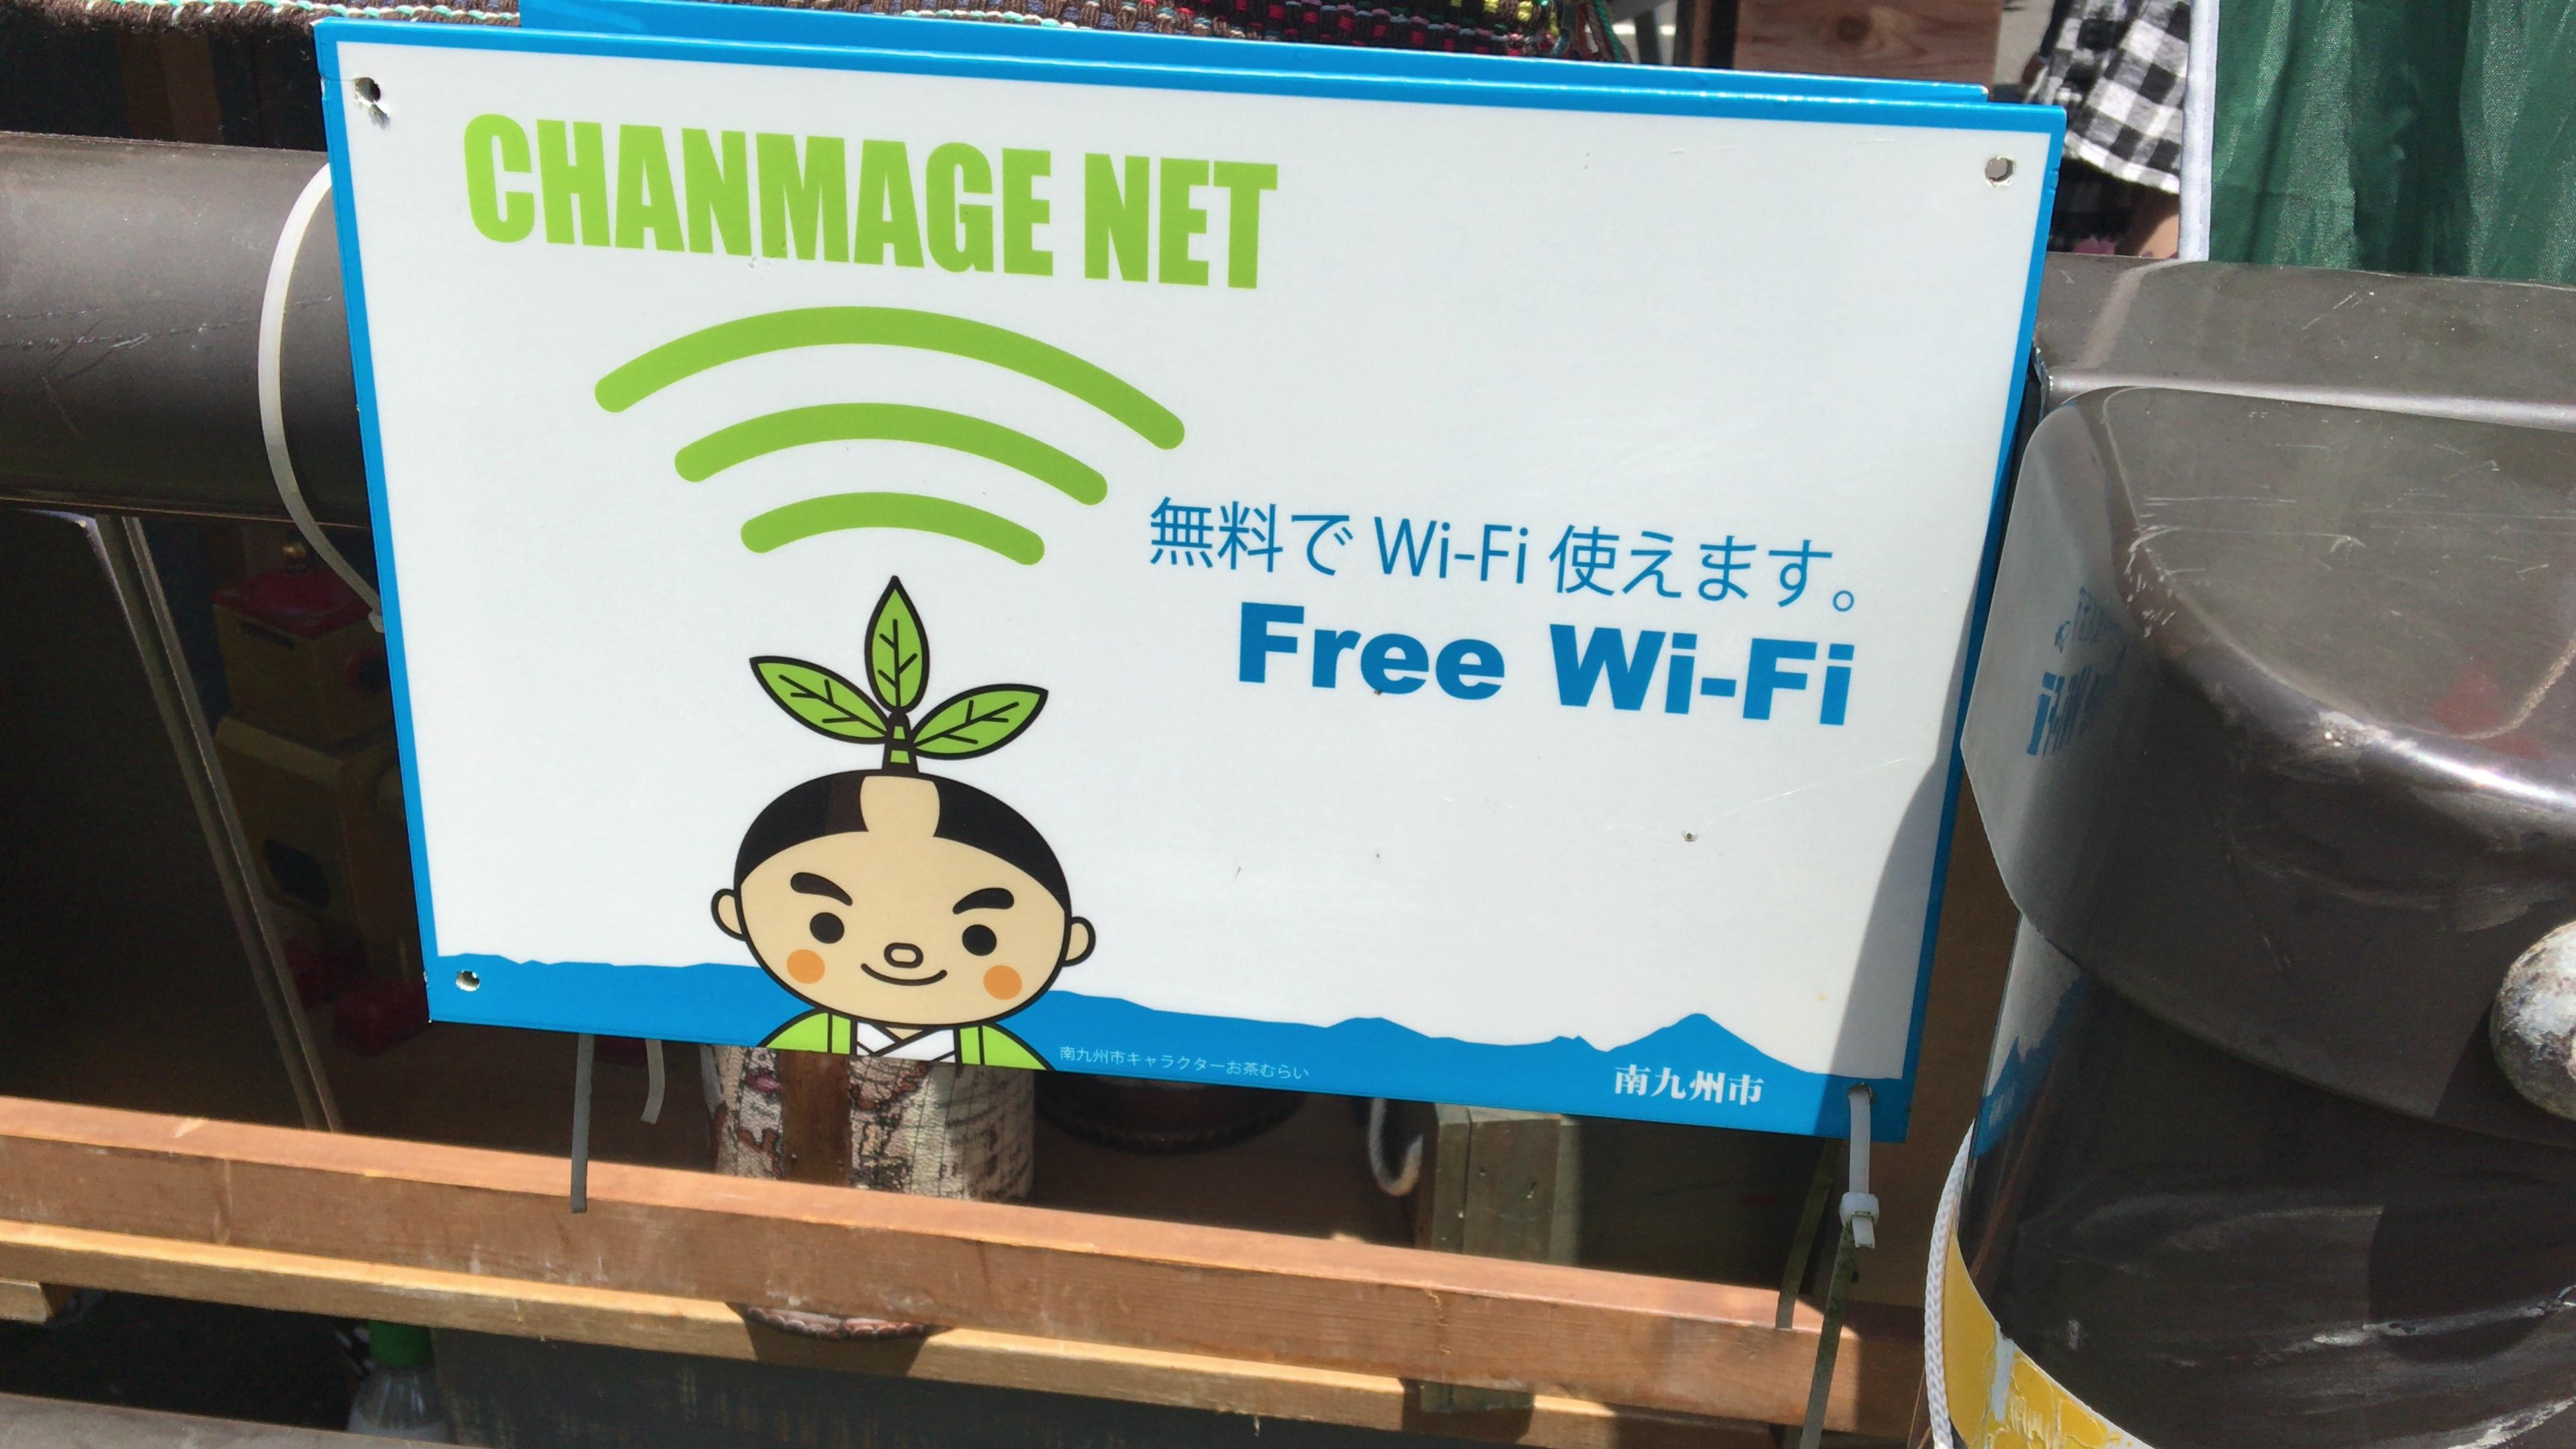 南九州市のキャラクター「お茶むらい」の頭からWi-Fi電波が飛んでる?